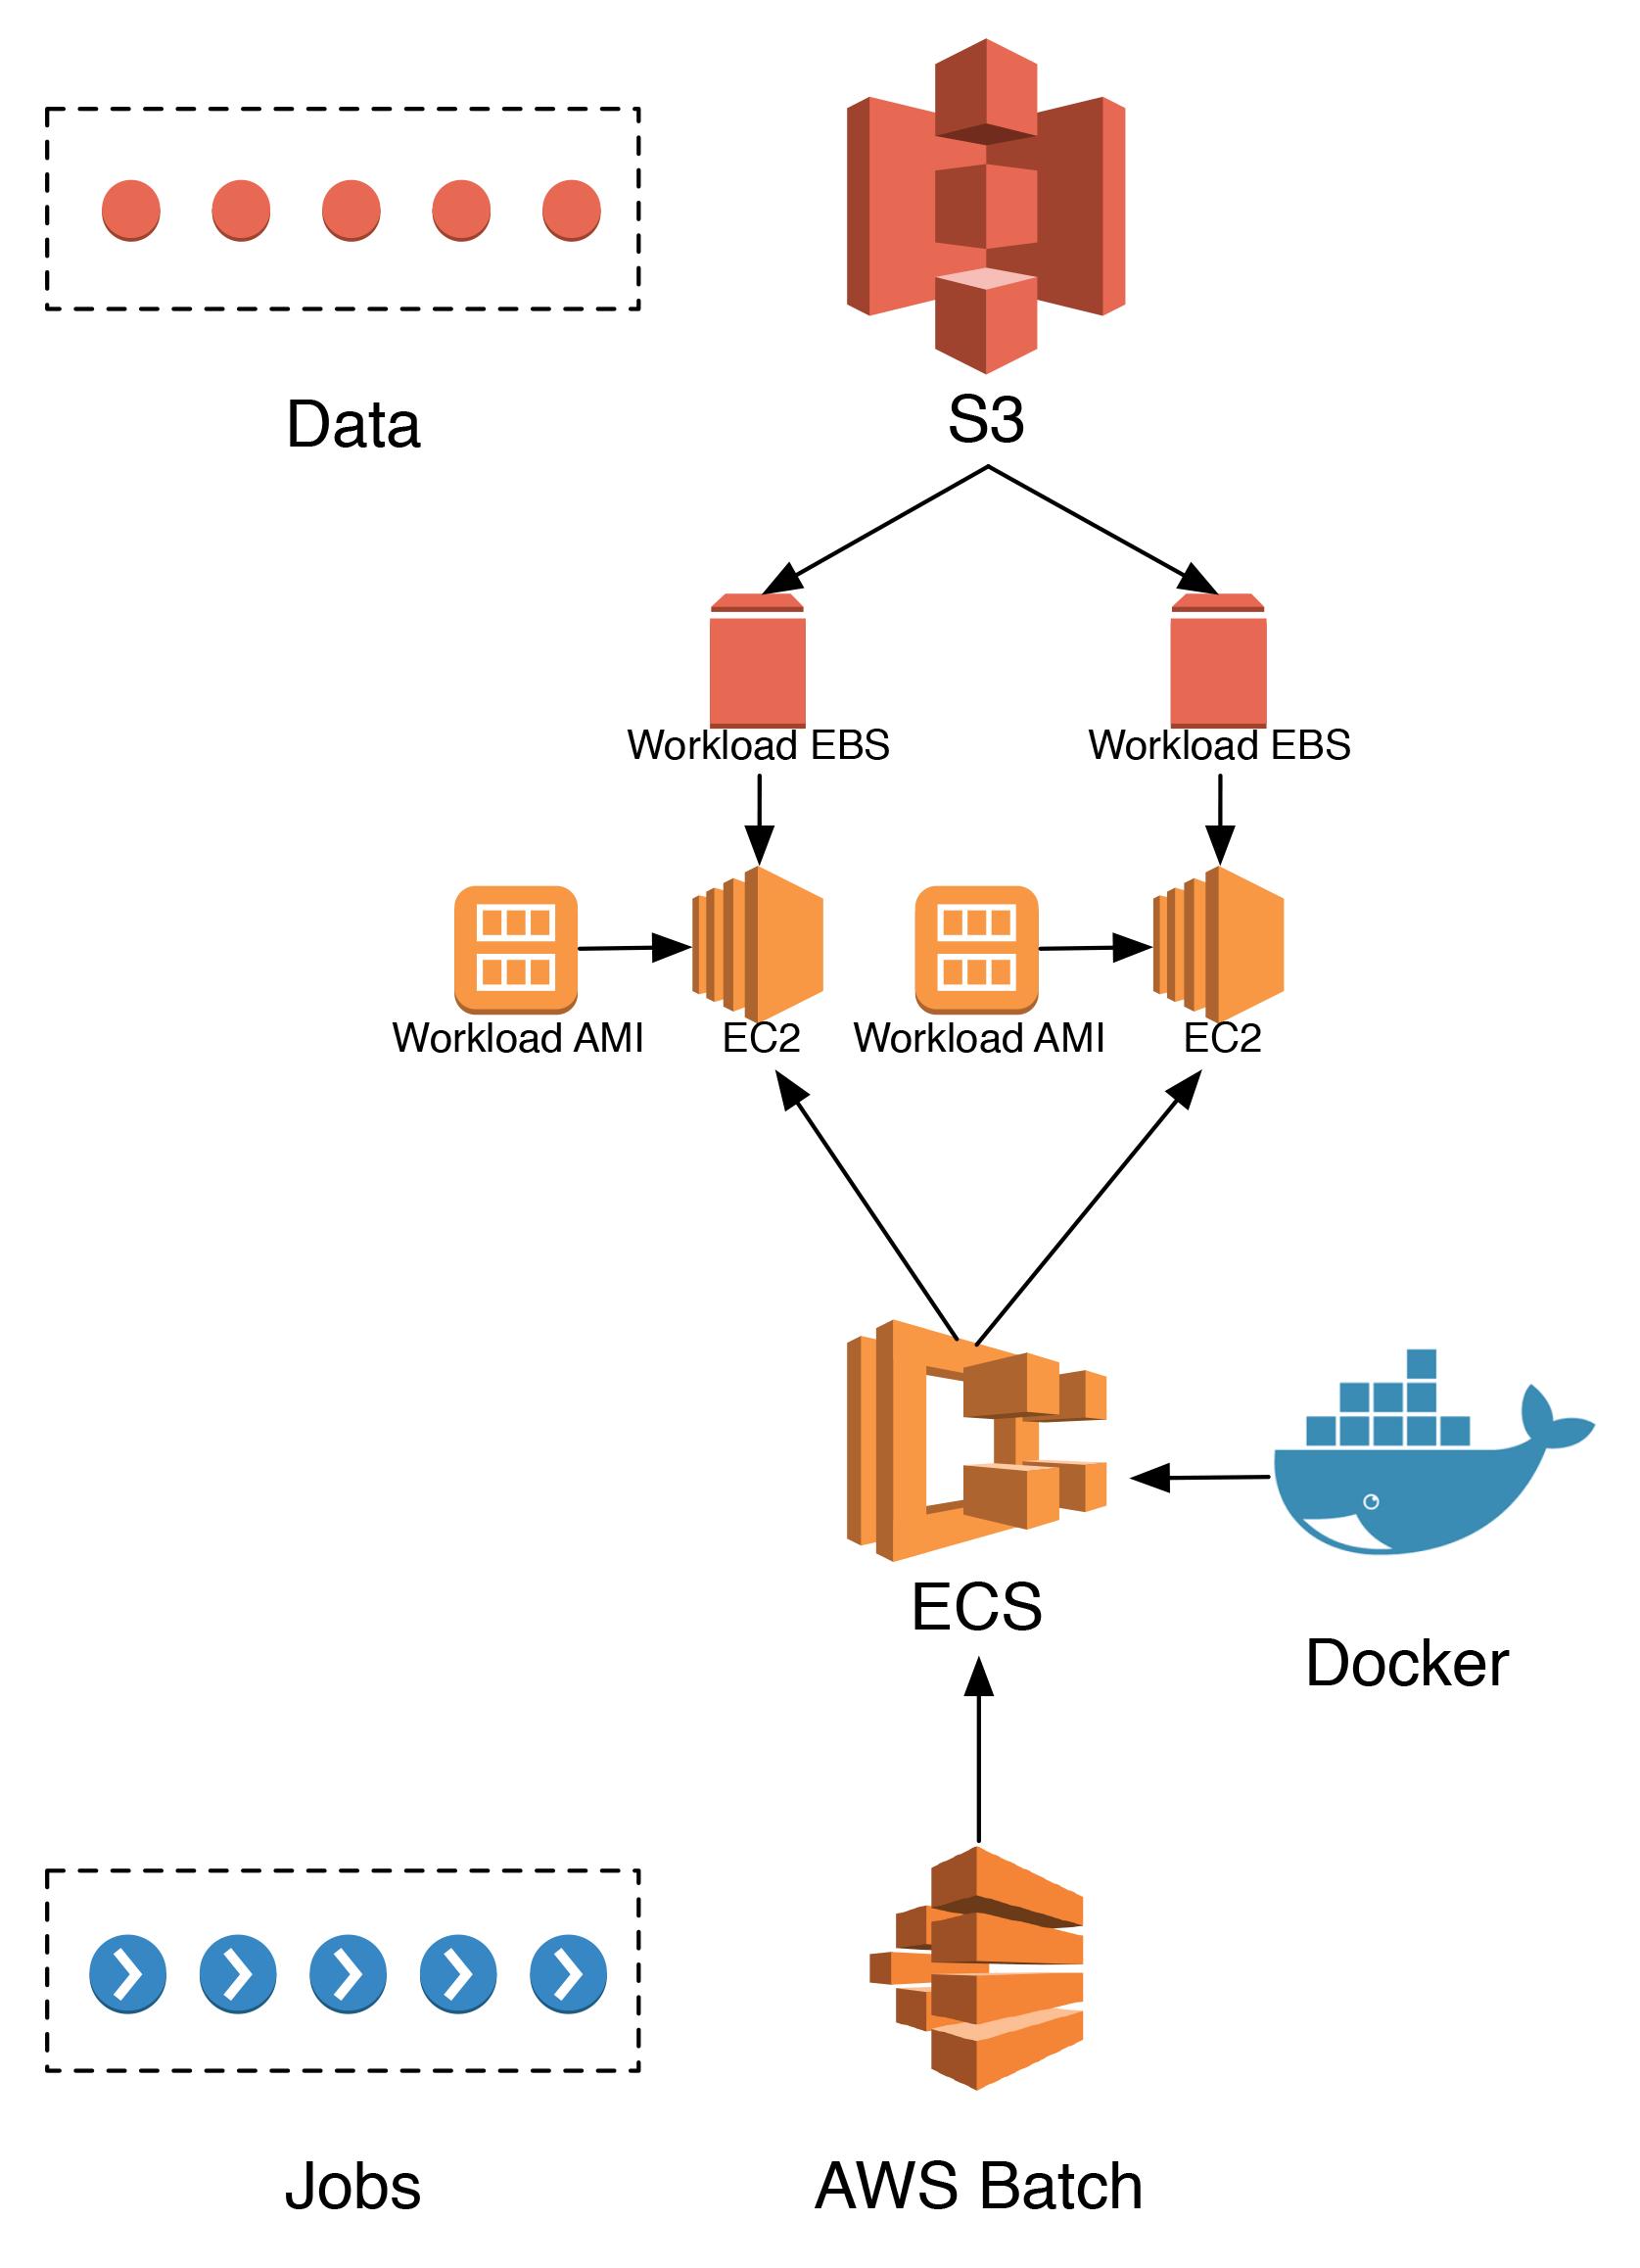 AWS architecture outline - t-neumann github io